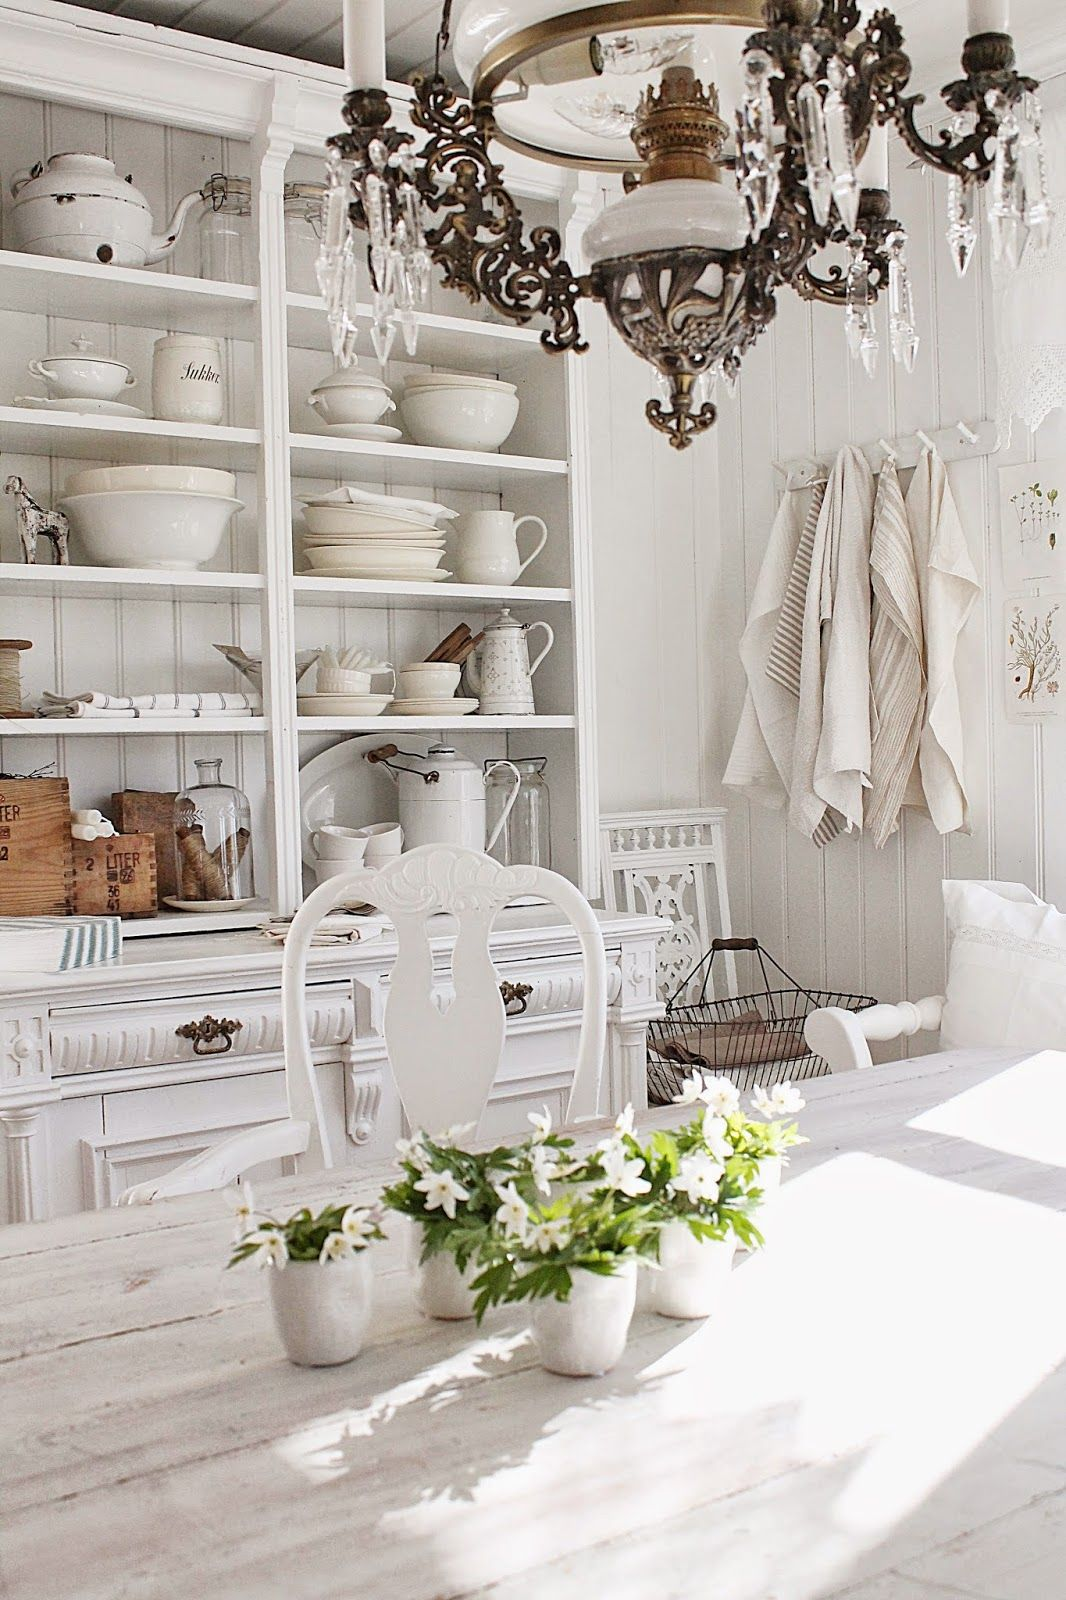 vibeke design interior design kitchens dining room pinterest franz sischer schick. Black Bedroom Furniture Sets. Home Design Ideas